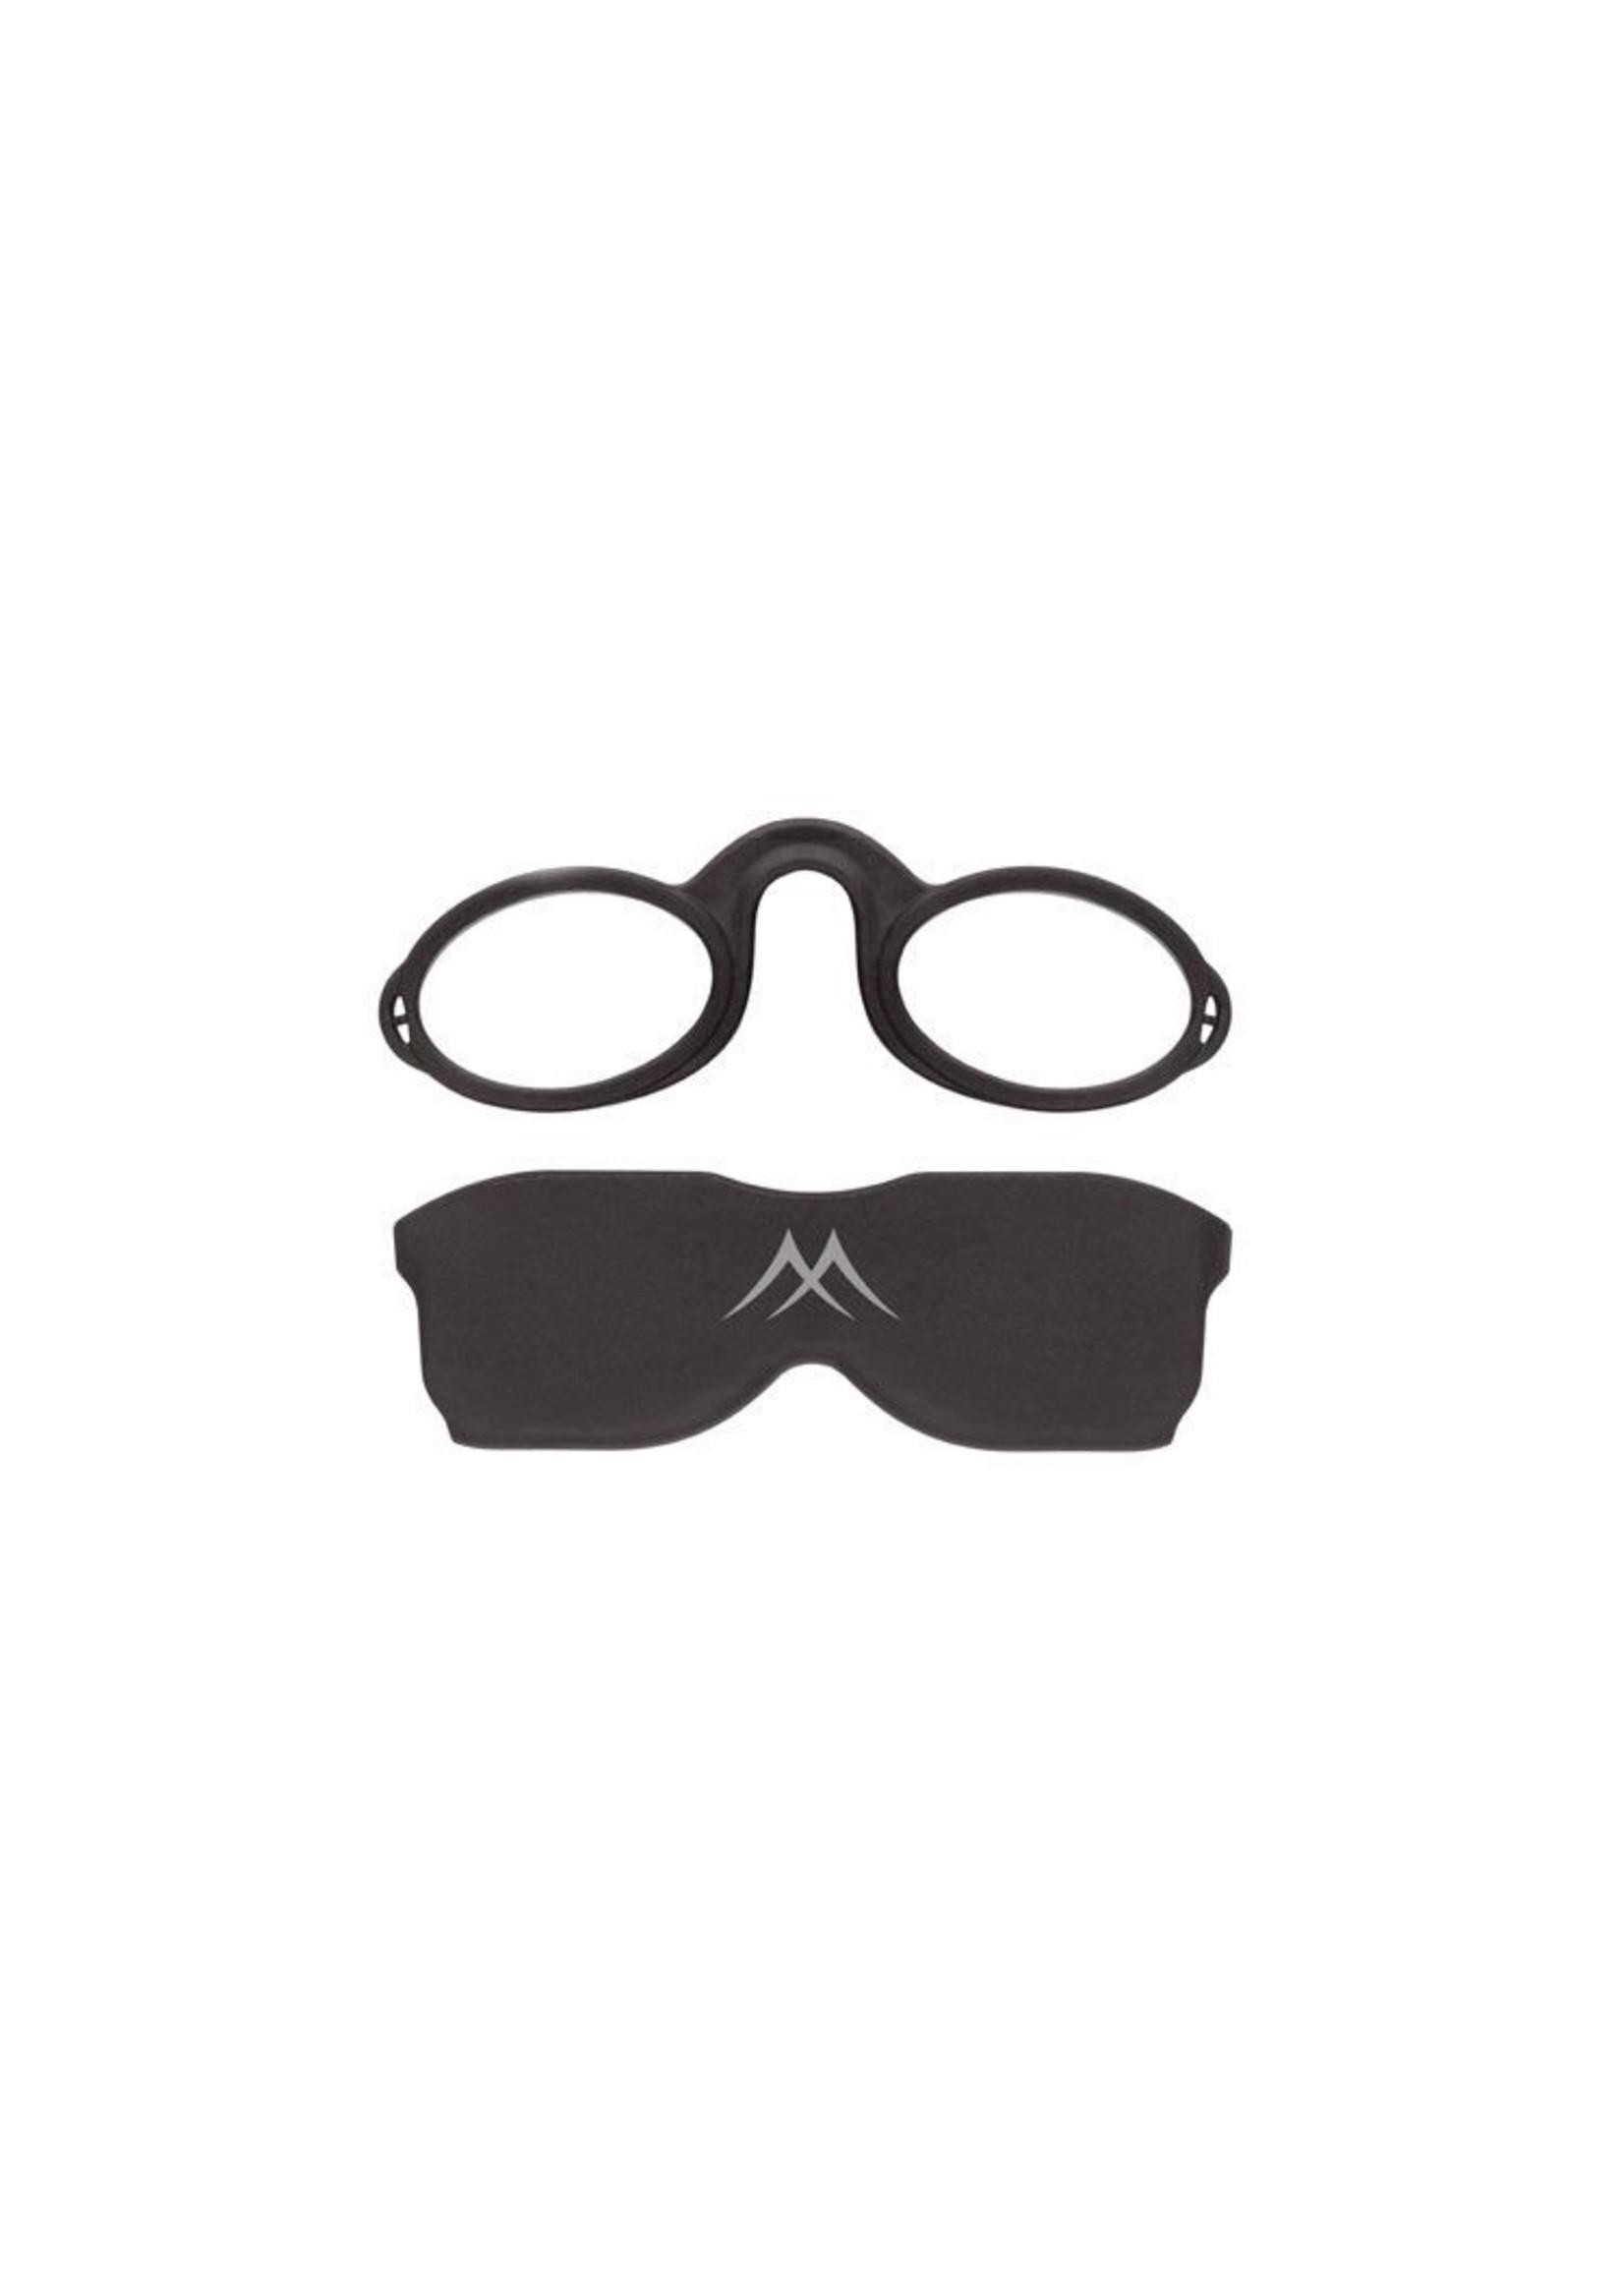 De Knijpbril opnieuw uitgevonden